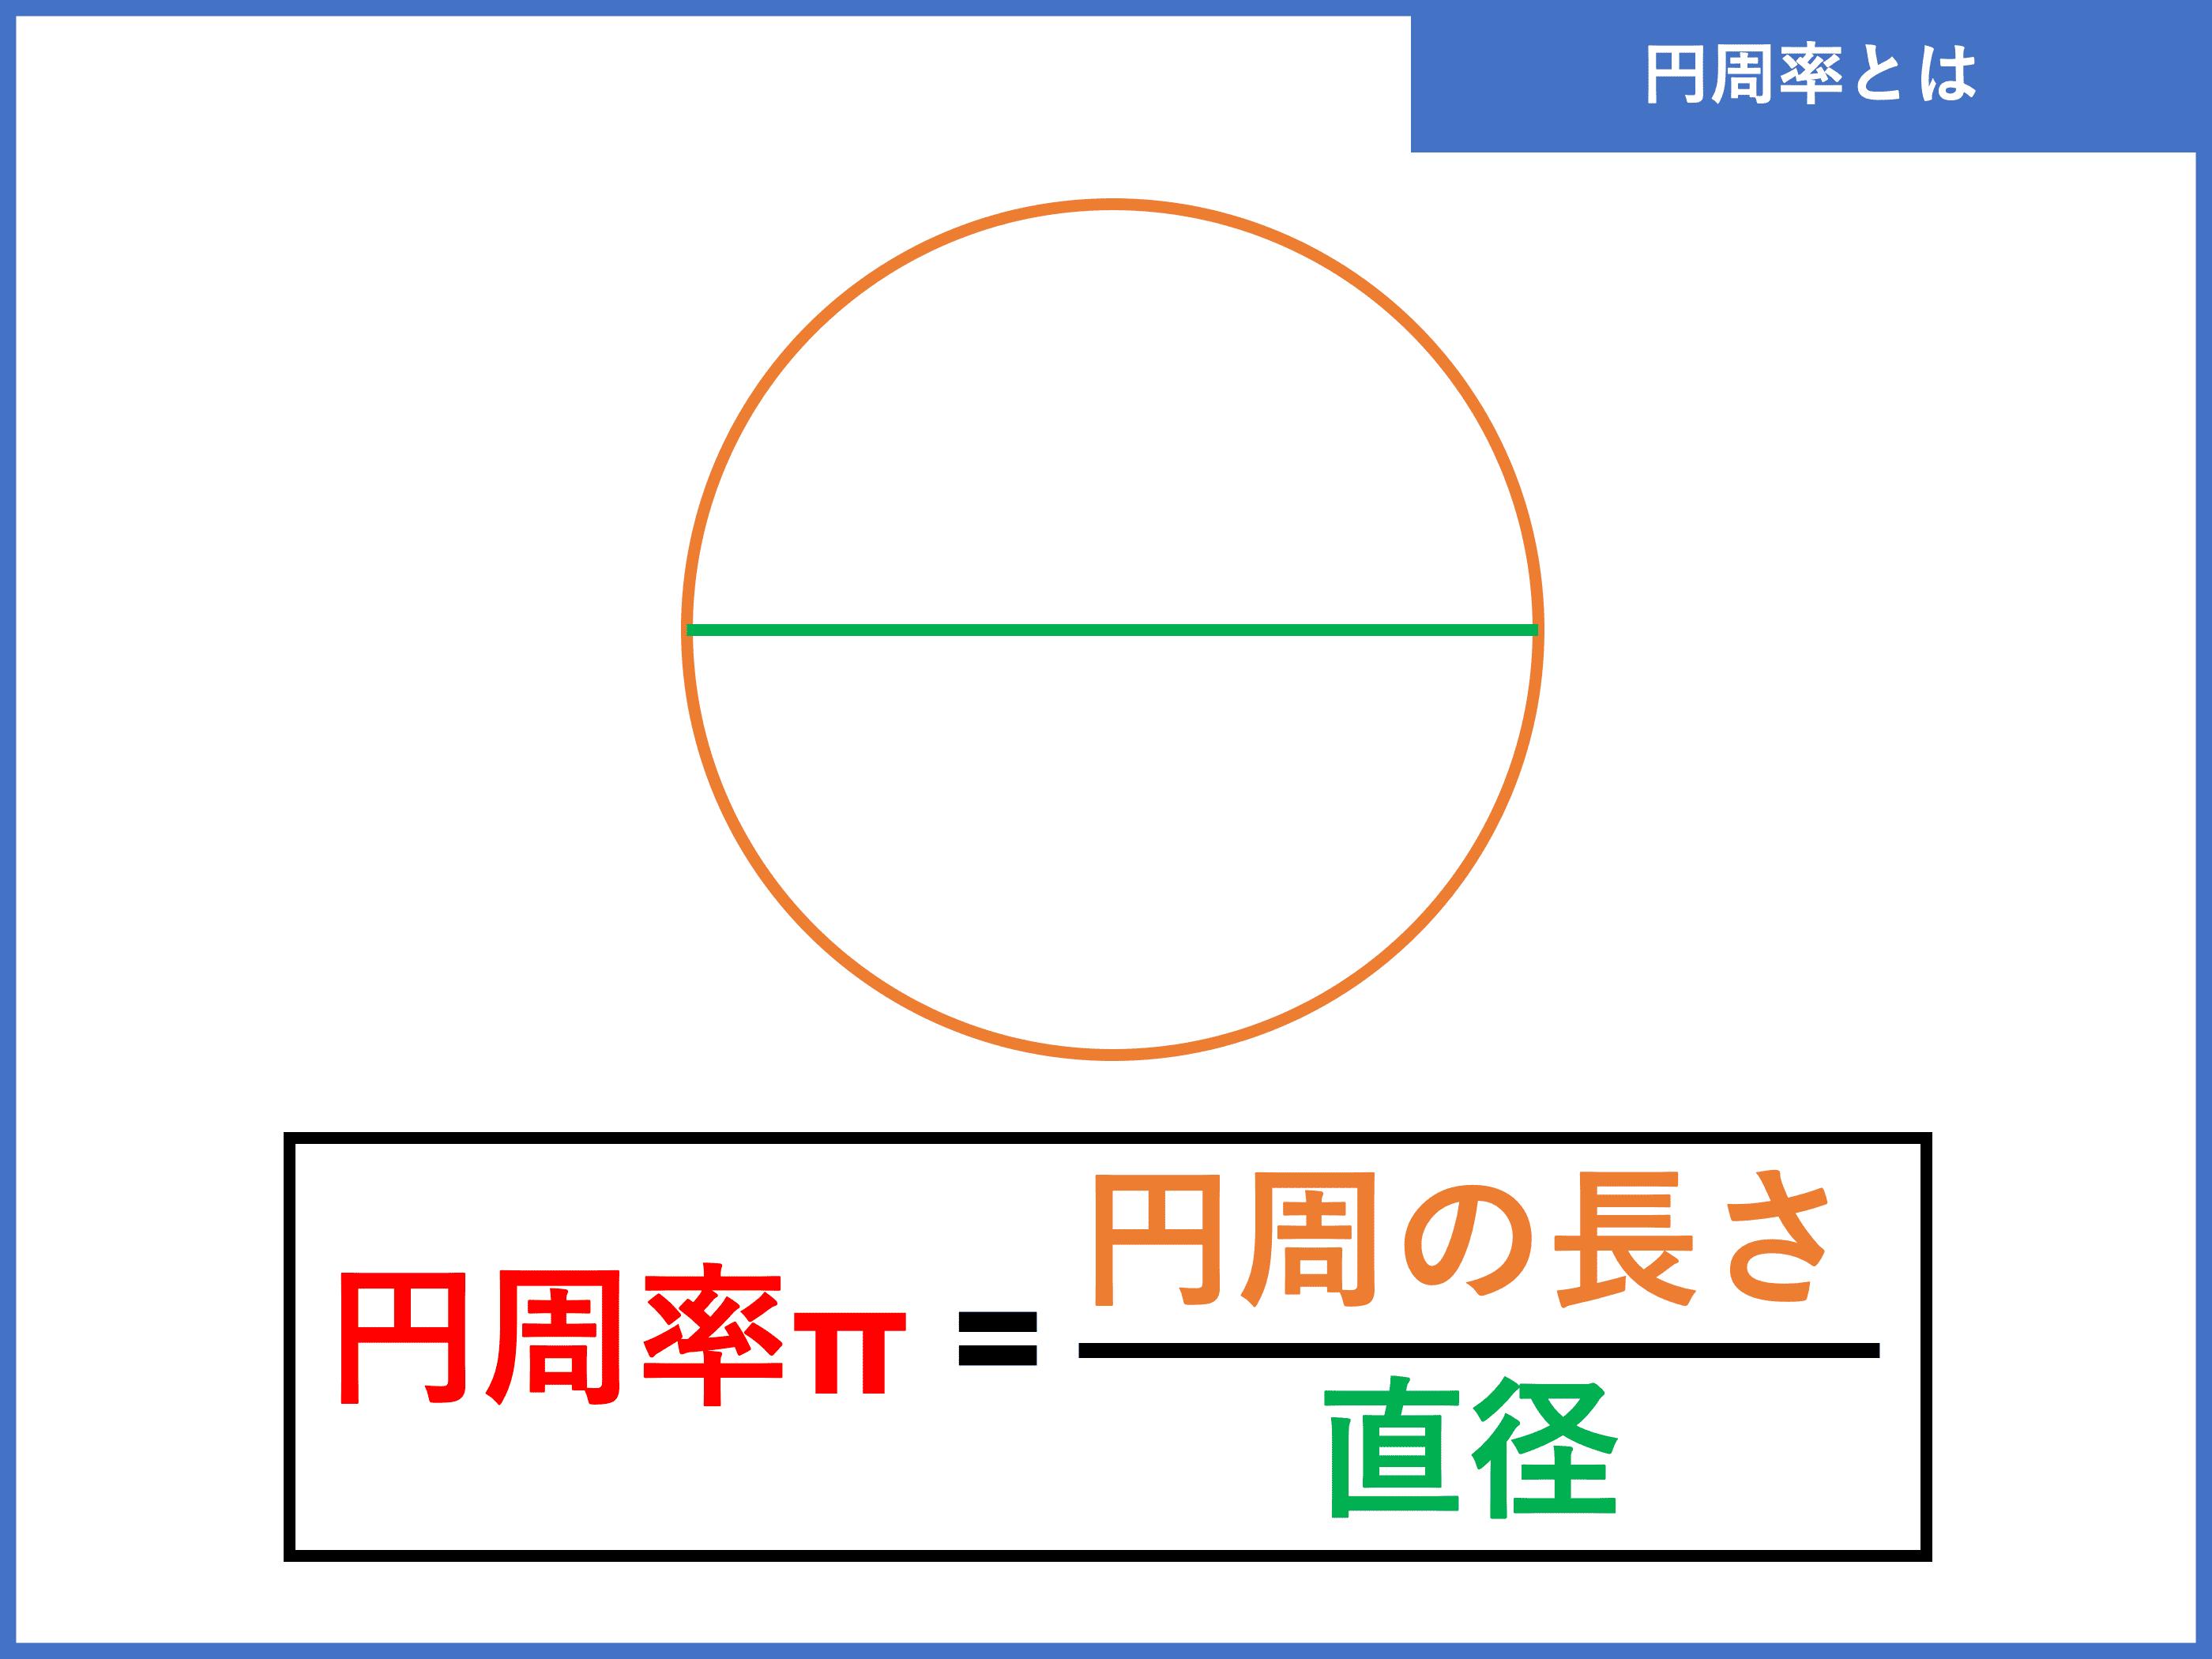 求め の 方 周 円